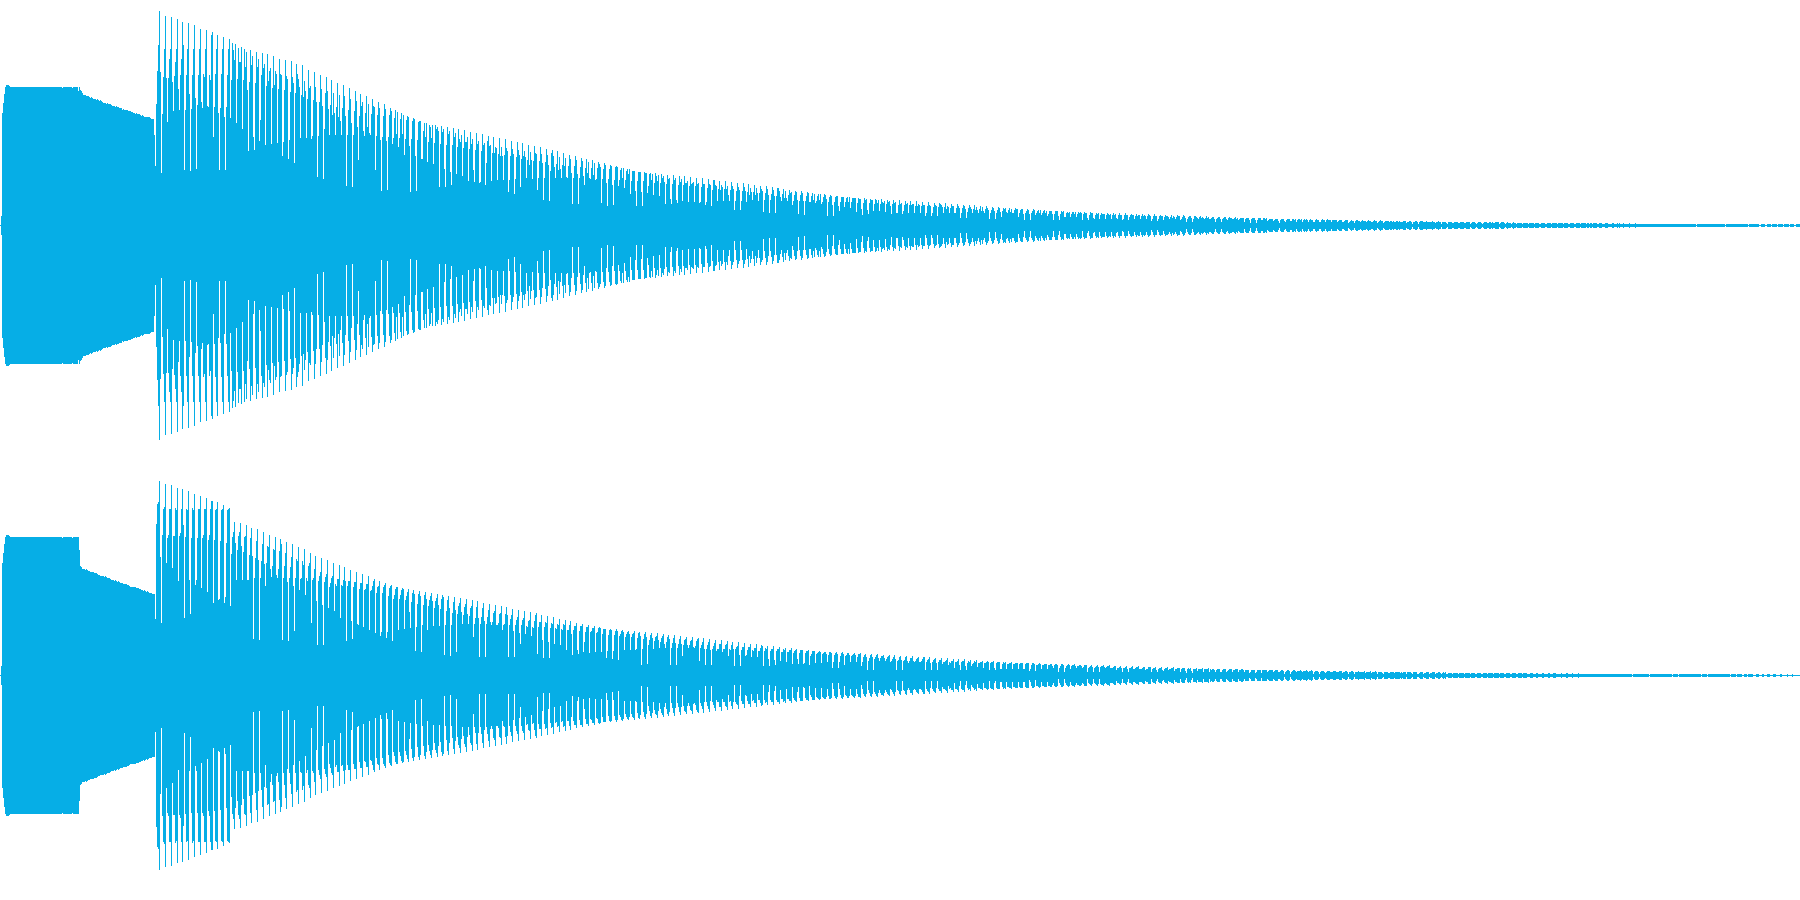 クイズに使えそうな呼び出し音の再生済みの波形